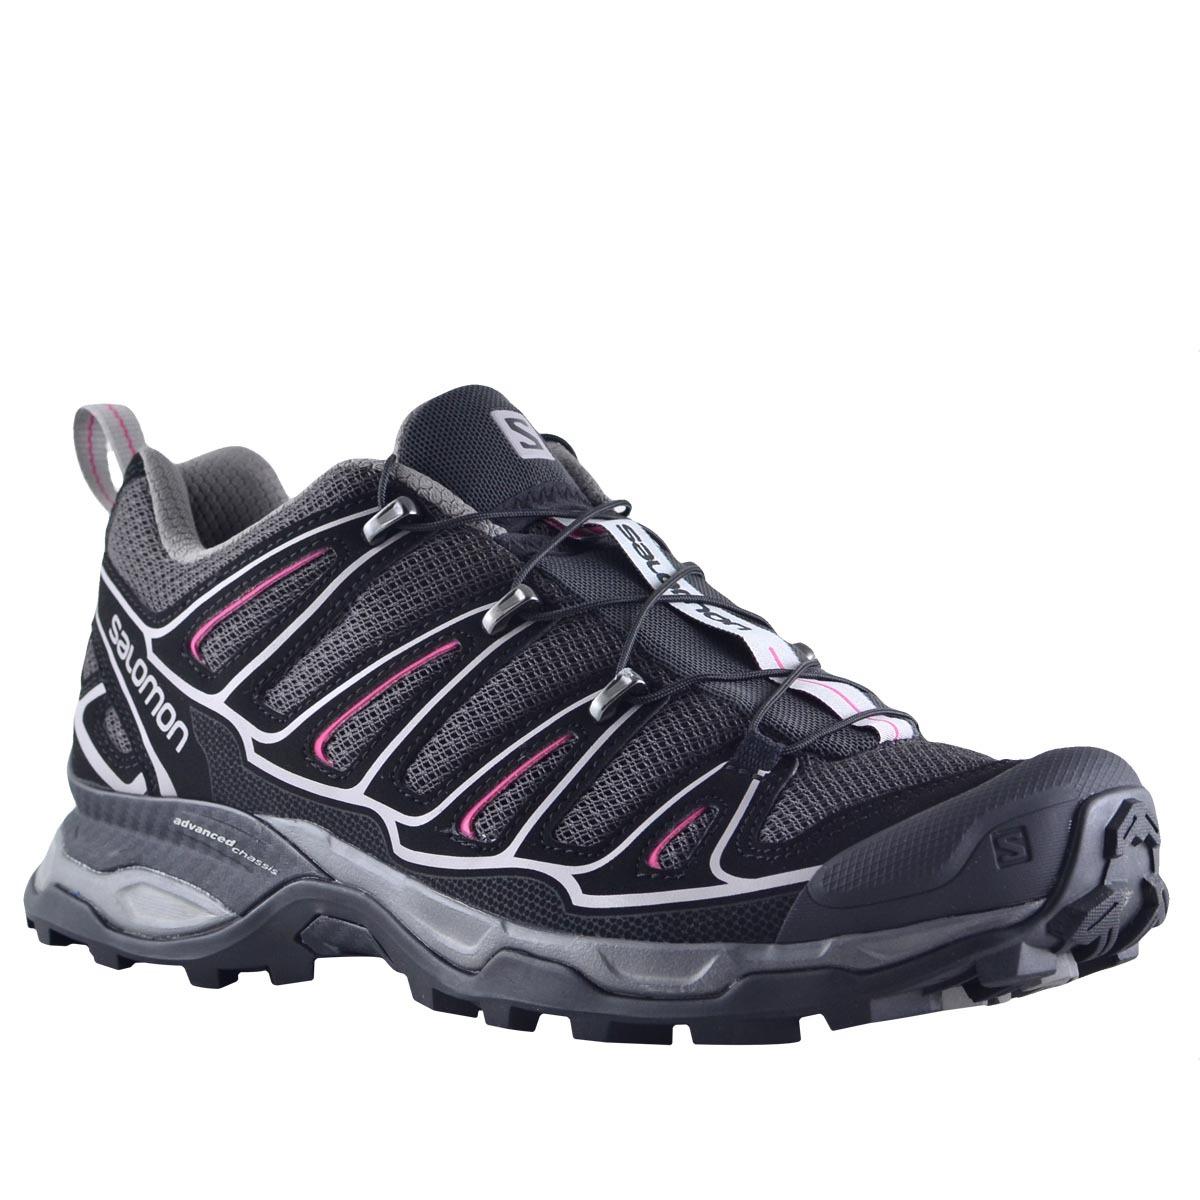 cf9f1884288 Zapatillas Salomon X Ultra 2 Mujer Gris - $ 2.900,00 en Mercado Libre